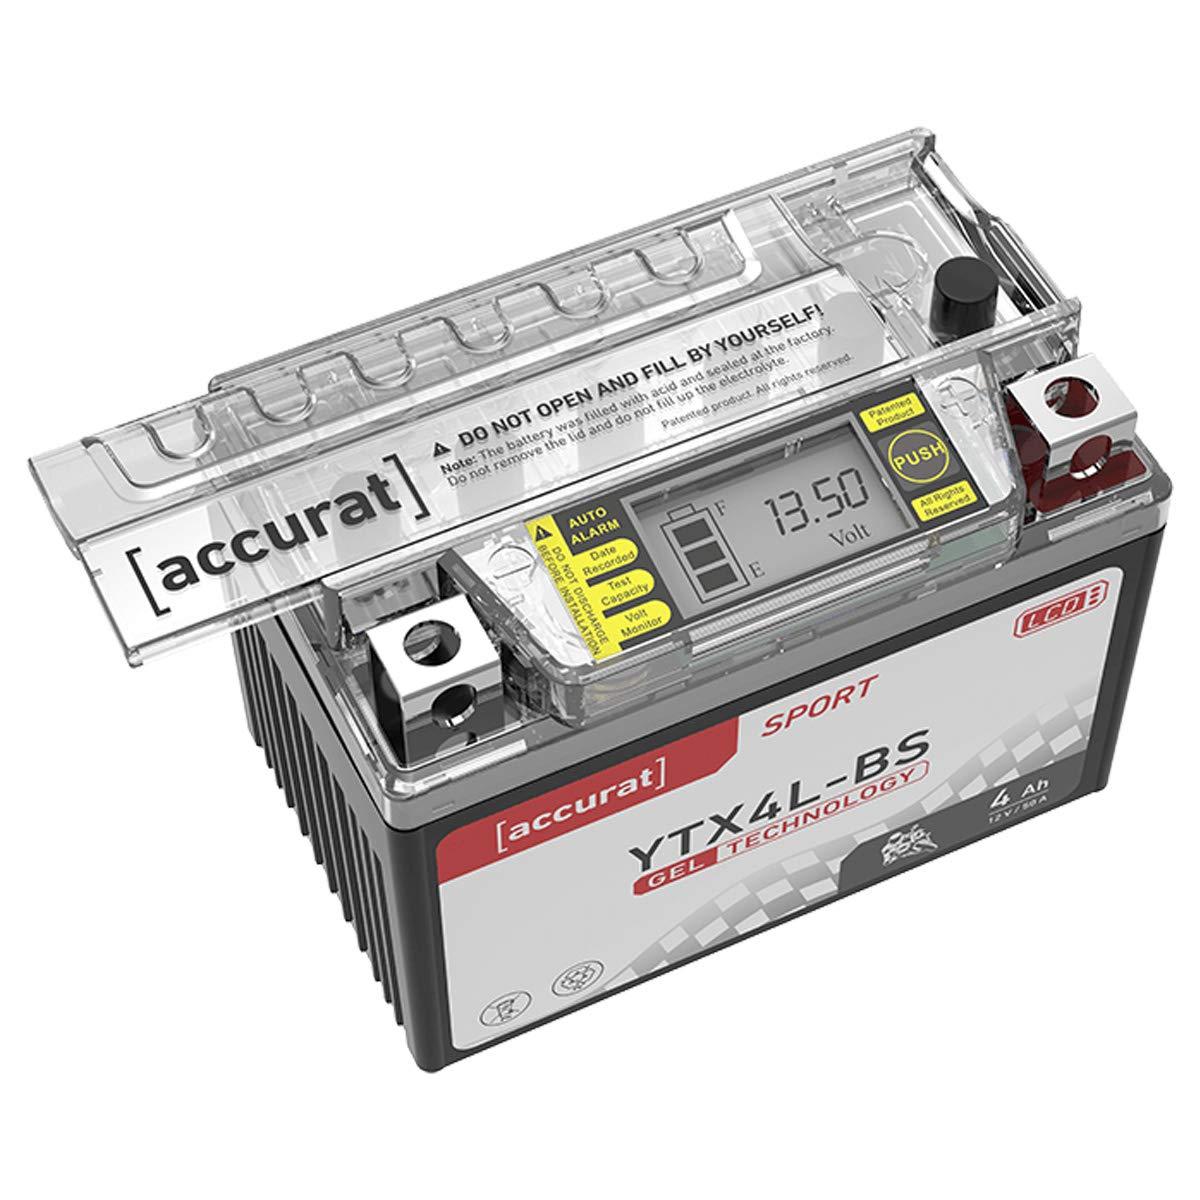 Accurat Motorradbatterie YTX12-BS 12Ah 180A 12V Gel Technologie LCD Display Starterbatterie leistungsstark r/üttelfest ABS geeignet wartungsfrei